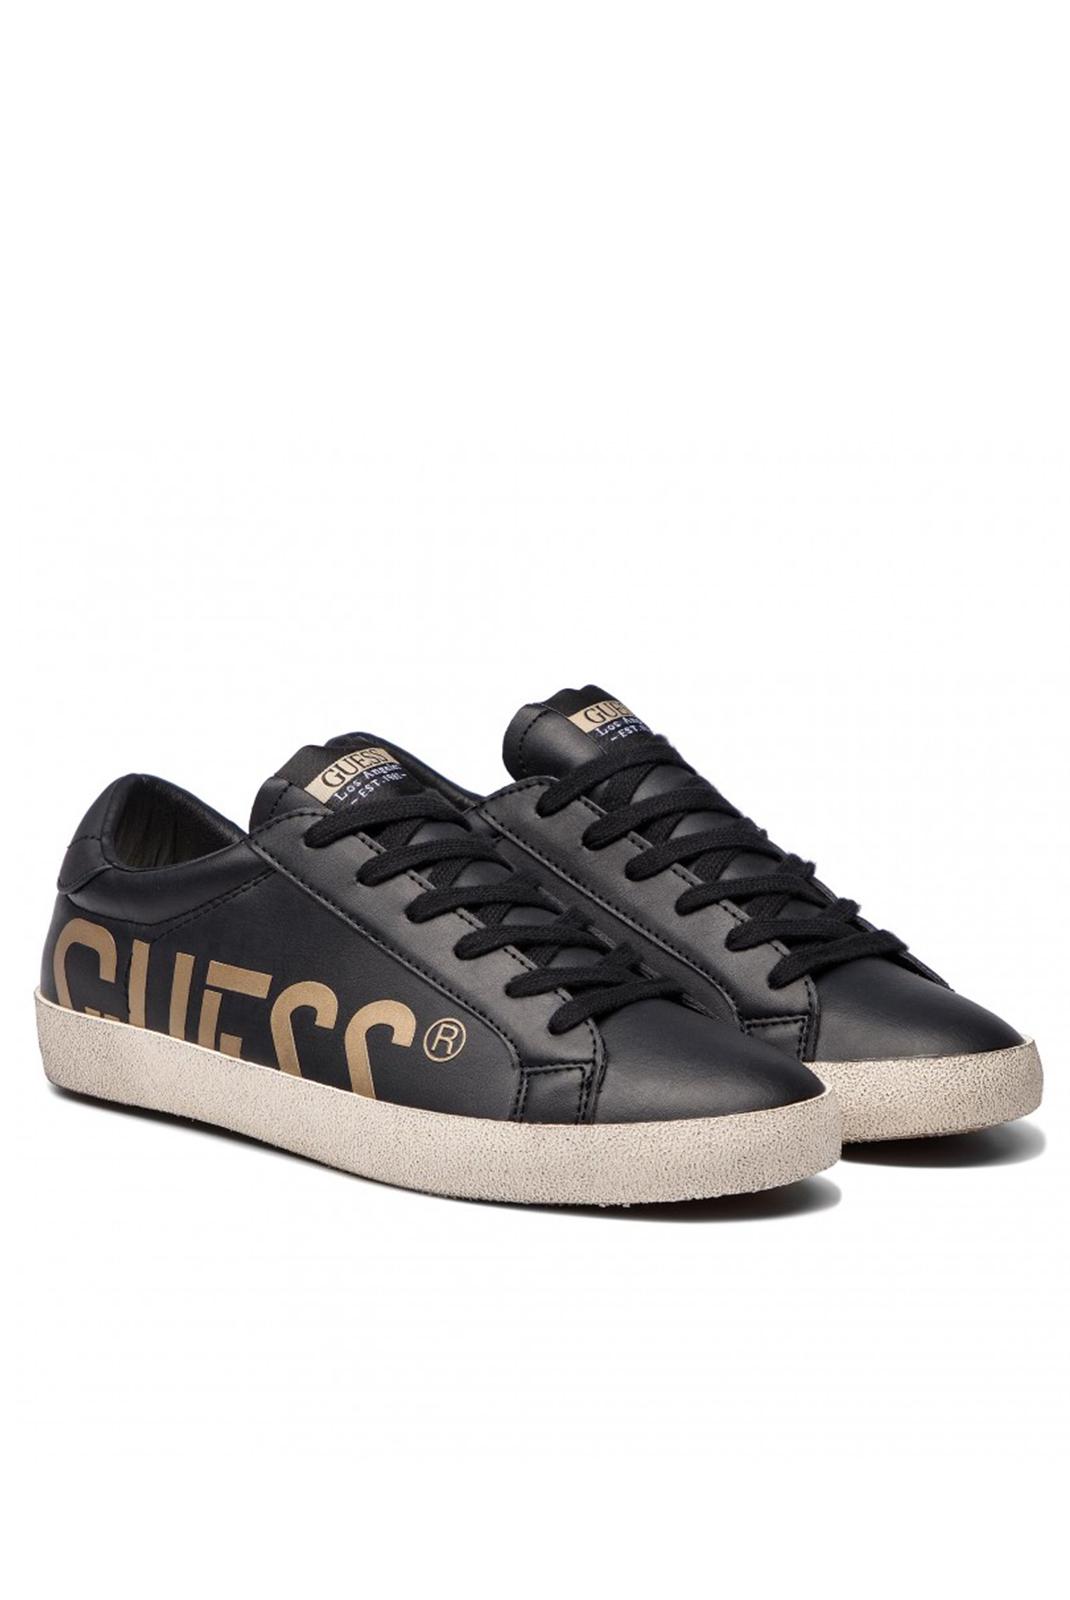 Baskets / Sport  Guess jeans FMRYN4 ELE12 BLACK/BLACK